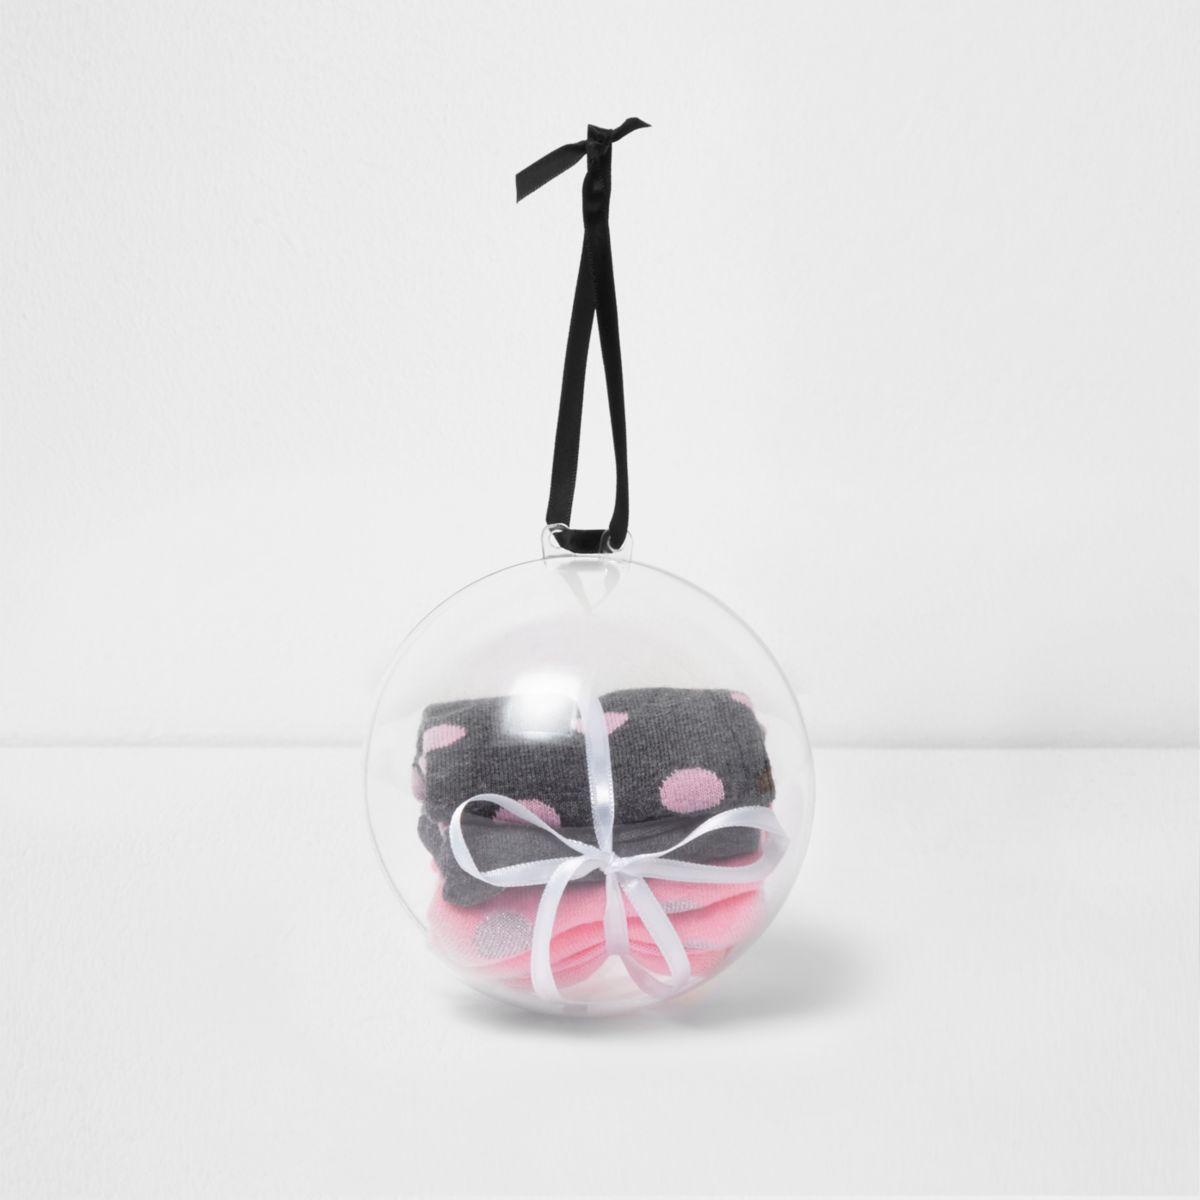 Cadeauverpakking van kerstbal met zwarte en roze sokken